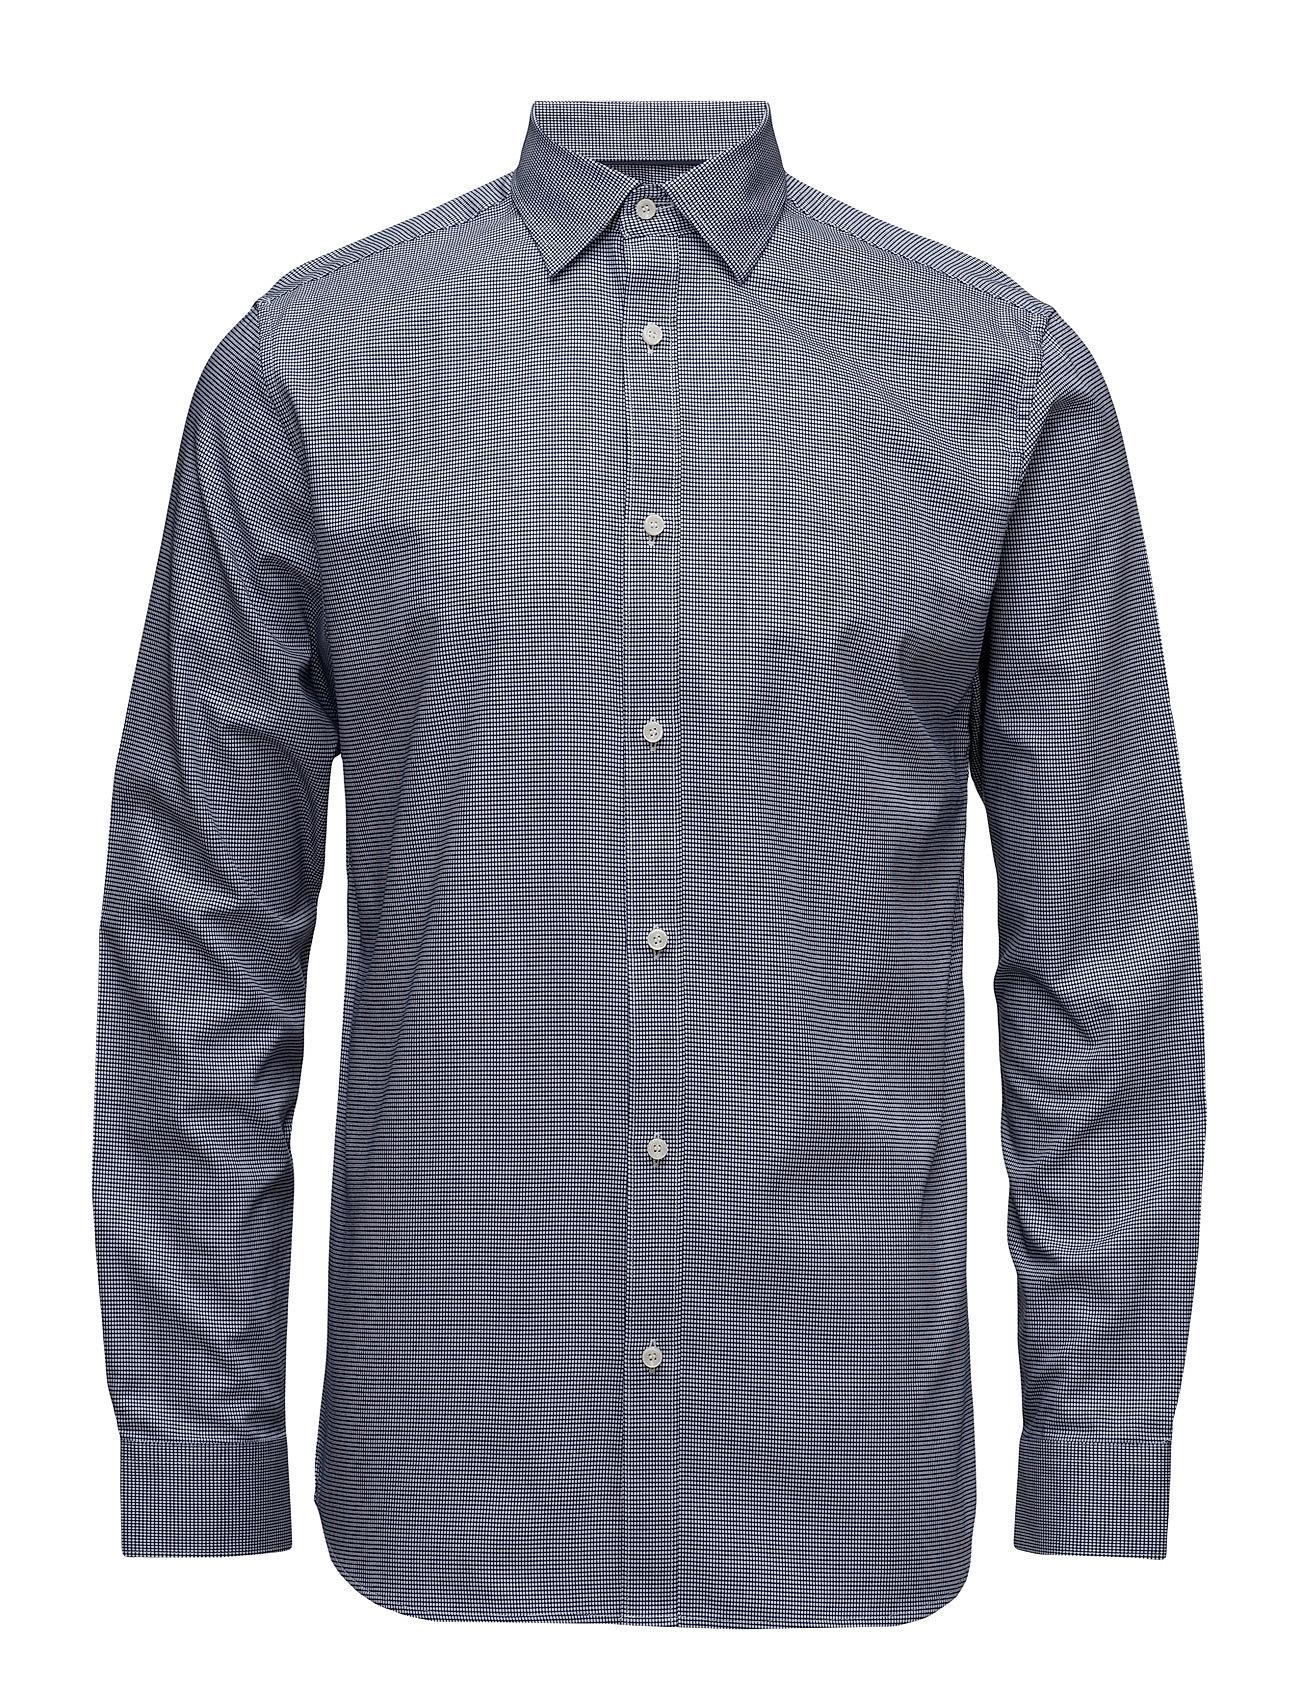 Shdtwotim-Luca Shirt Ls Noos Selected Homme Casual sko til Herrer i hvid